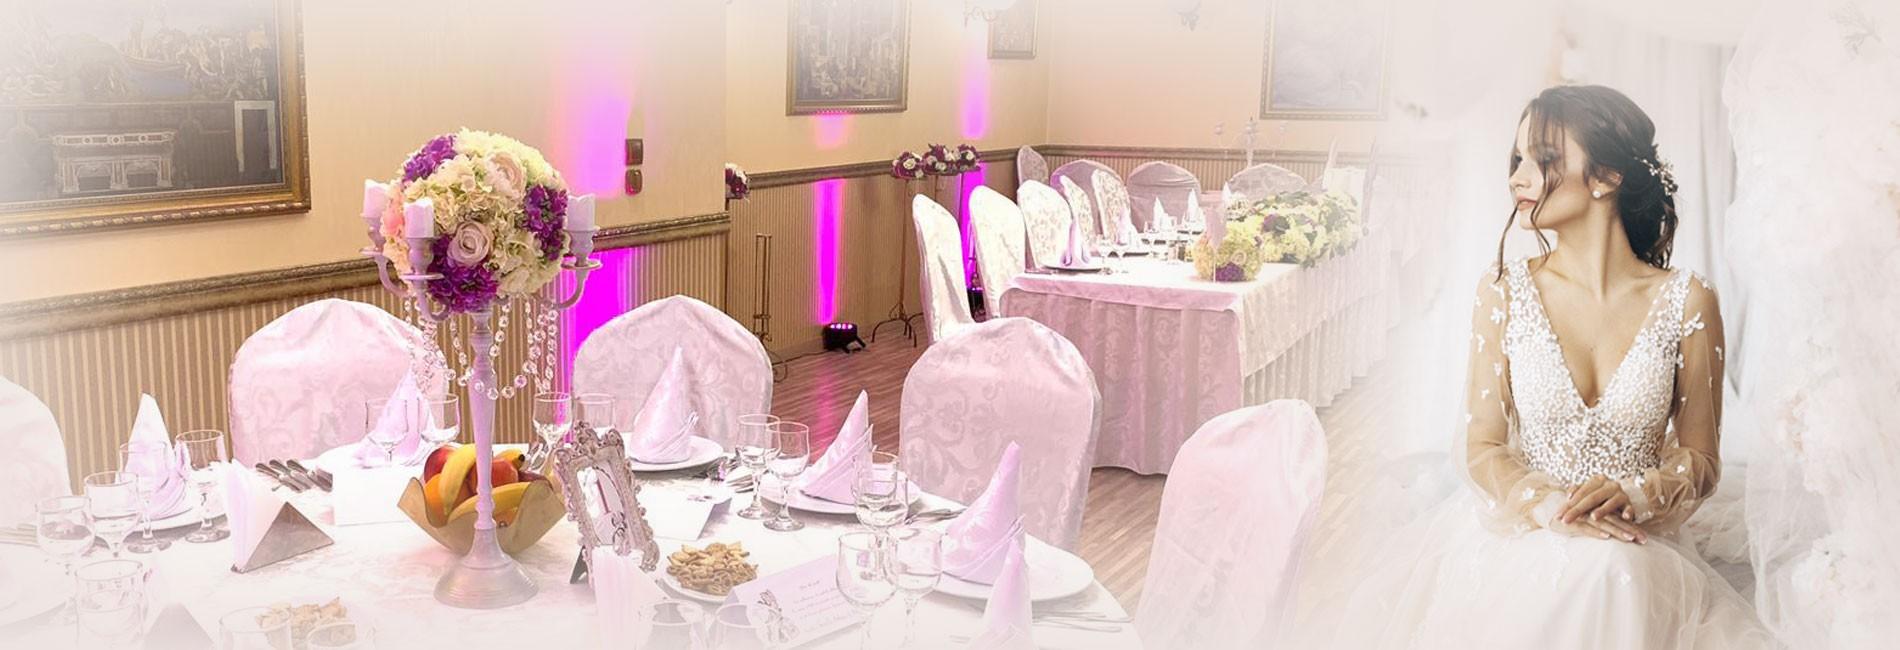 Restaurant-pentru-nunti